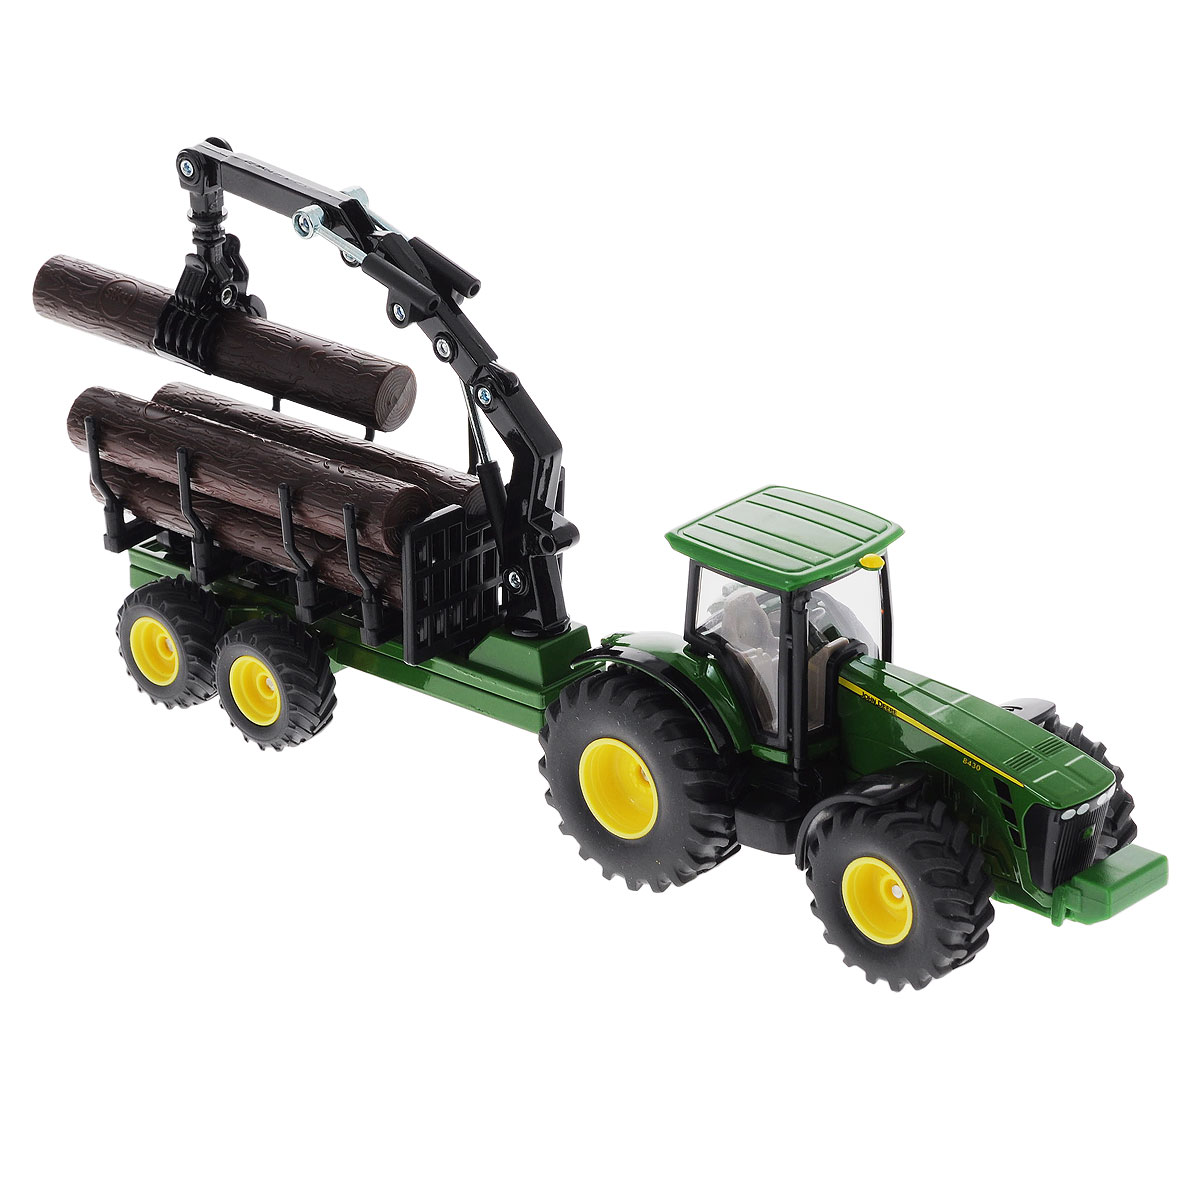 """Коллекционная модель Siku """"Трактор с прицепом-кузовом"""" выполнена в виде точной копии трактора с прицепом в масштабе 1/50. Такая модель понравится не только ребенку, но и взрослому коллекционеру и приятно удивит вас высочайшим качеством исполнения. Корпус трактора и шасси прицепов выполнены из металла, кабина трактора из пластика, а стекла кабины трактора из прозрачного пластика. Прицеп кузова прицепляется к трактору с помощью дополнительного прицепа с седельным сцепным устройством. Кабина трактора снимается. Колёса выполнены из резины и вращаются. Передняя часть погрузчика поворачивается, стрела и ковш поднимаются и опускаются. Коллекционная модель отличается великолепным качеством исполнения и детальной проработкой, она станет не только интересной игрушкой для ребенка, интересующегося агротехникой, но и займет достойное место в коллекции."""